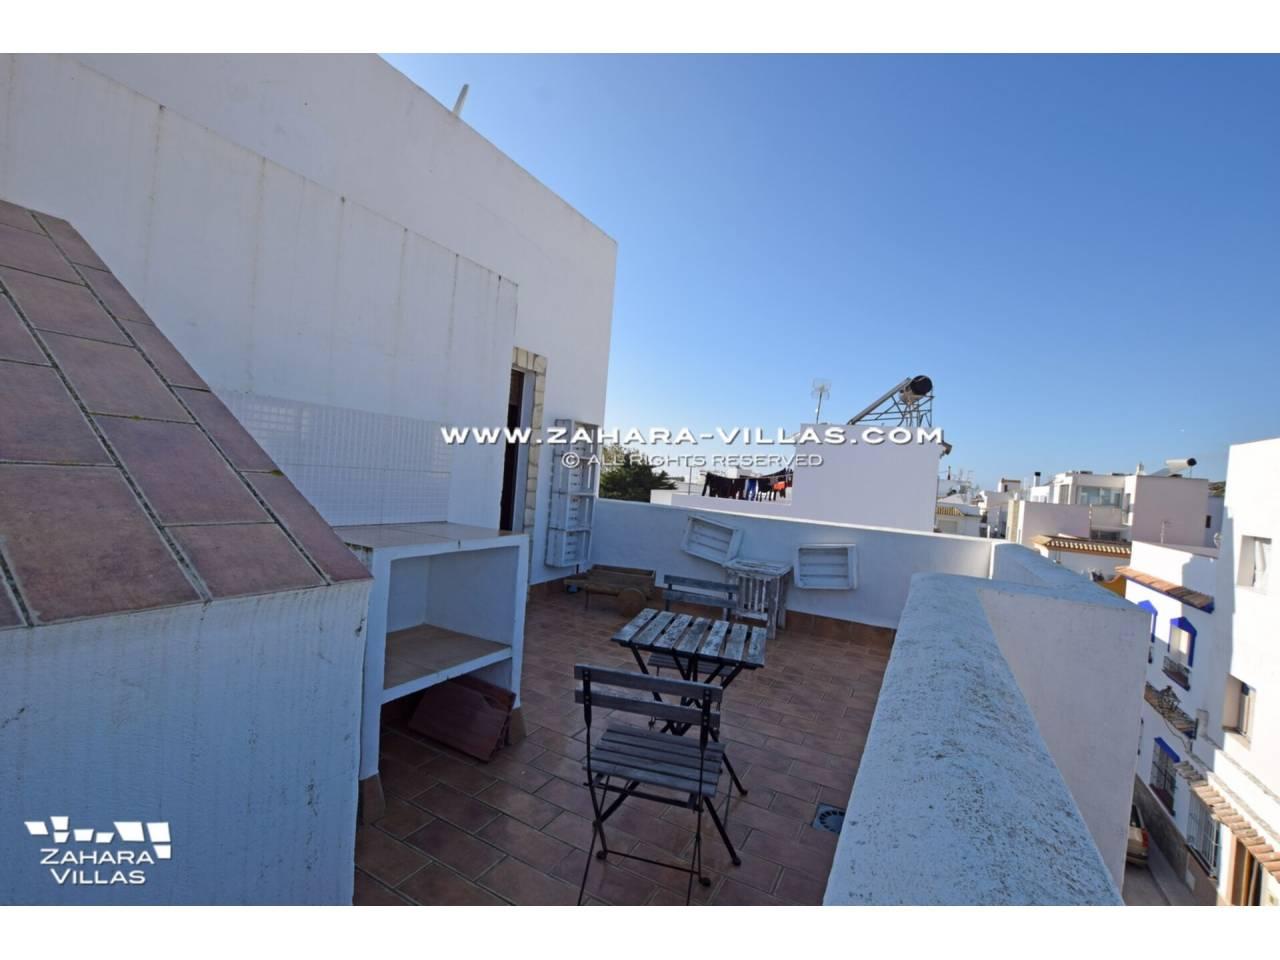 Imagen 17 de Haus zum verkauf in Zahara de los Atunes